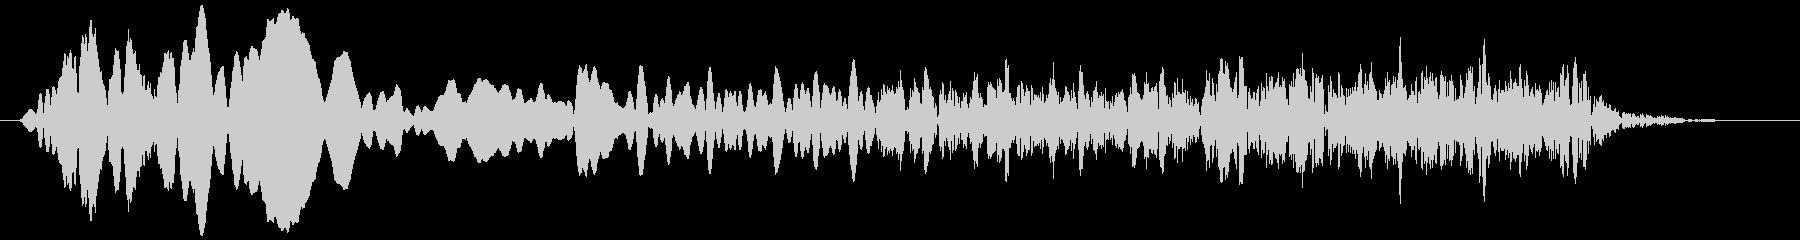 トンビ(トビ、鳶) ピーヒョロロロ 短めの未再生の波形